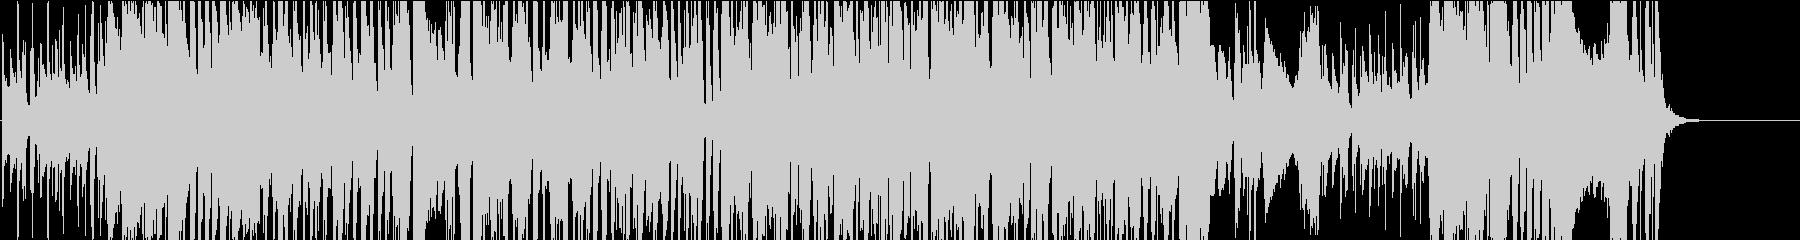 ルパン的なビッグバンドジャズ【おしゃれ】の未再生の波形